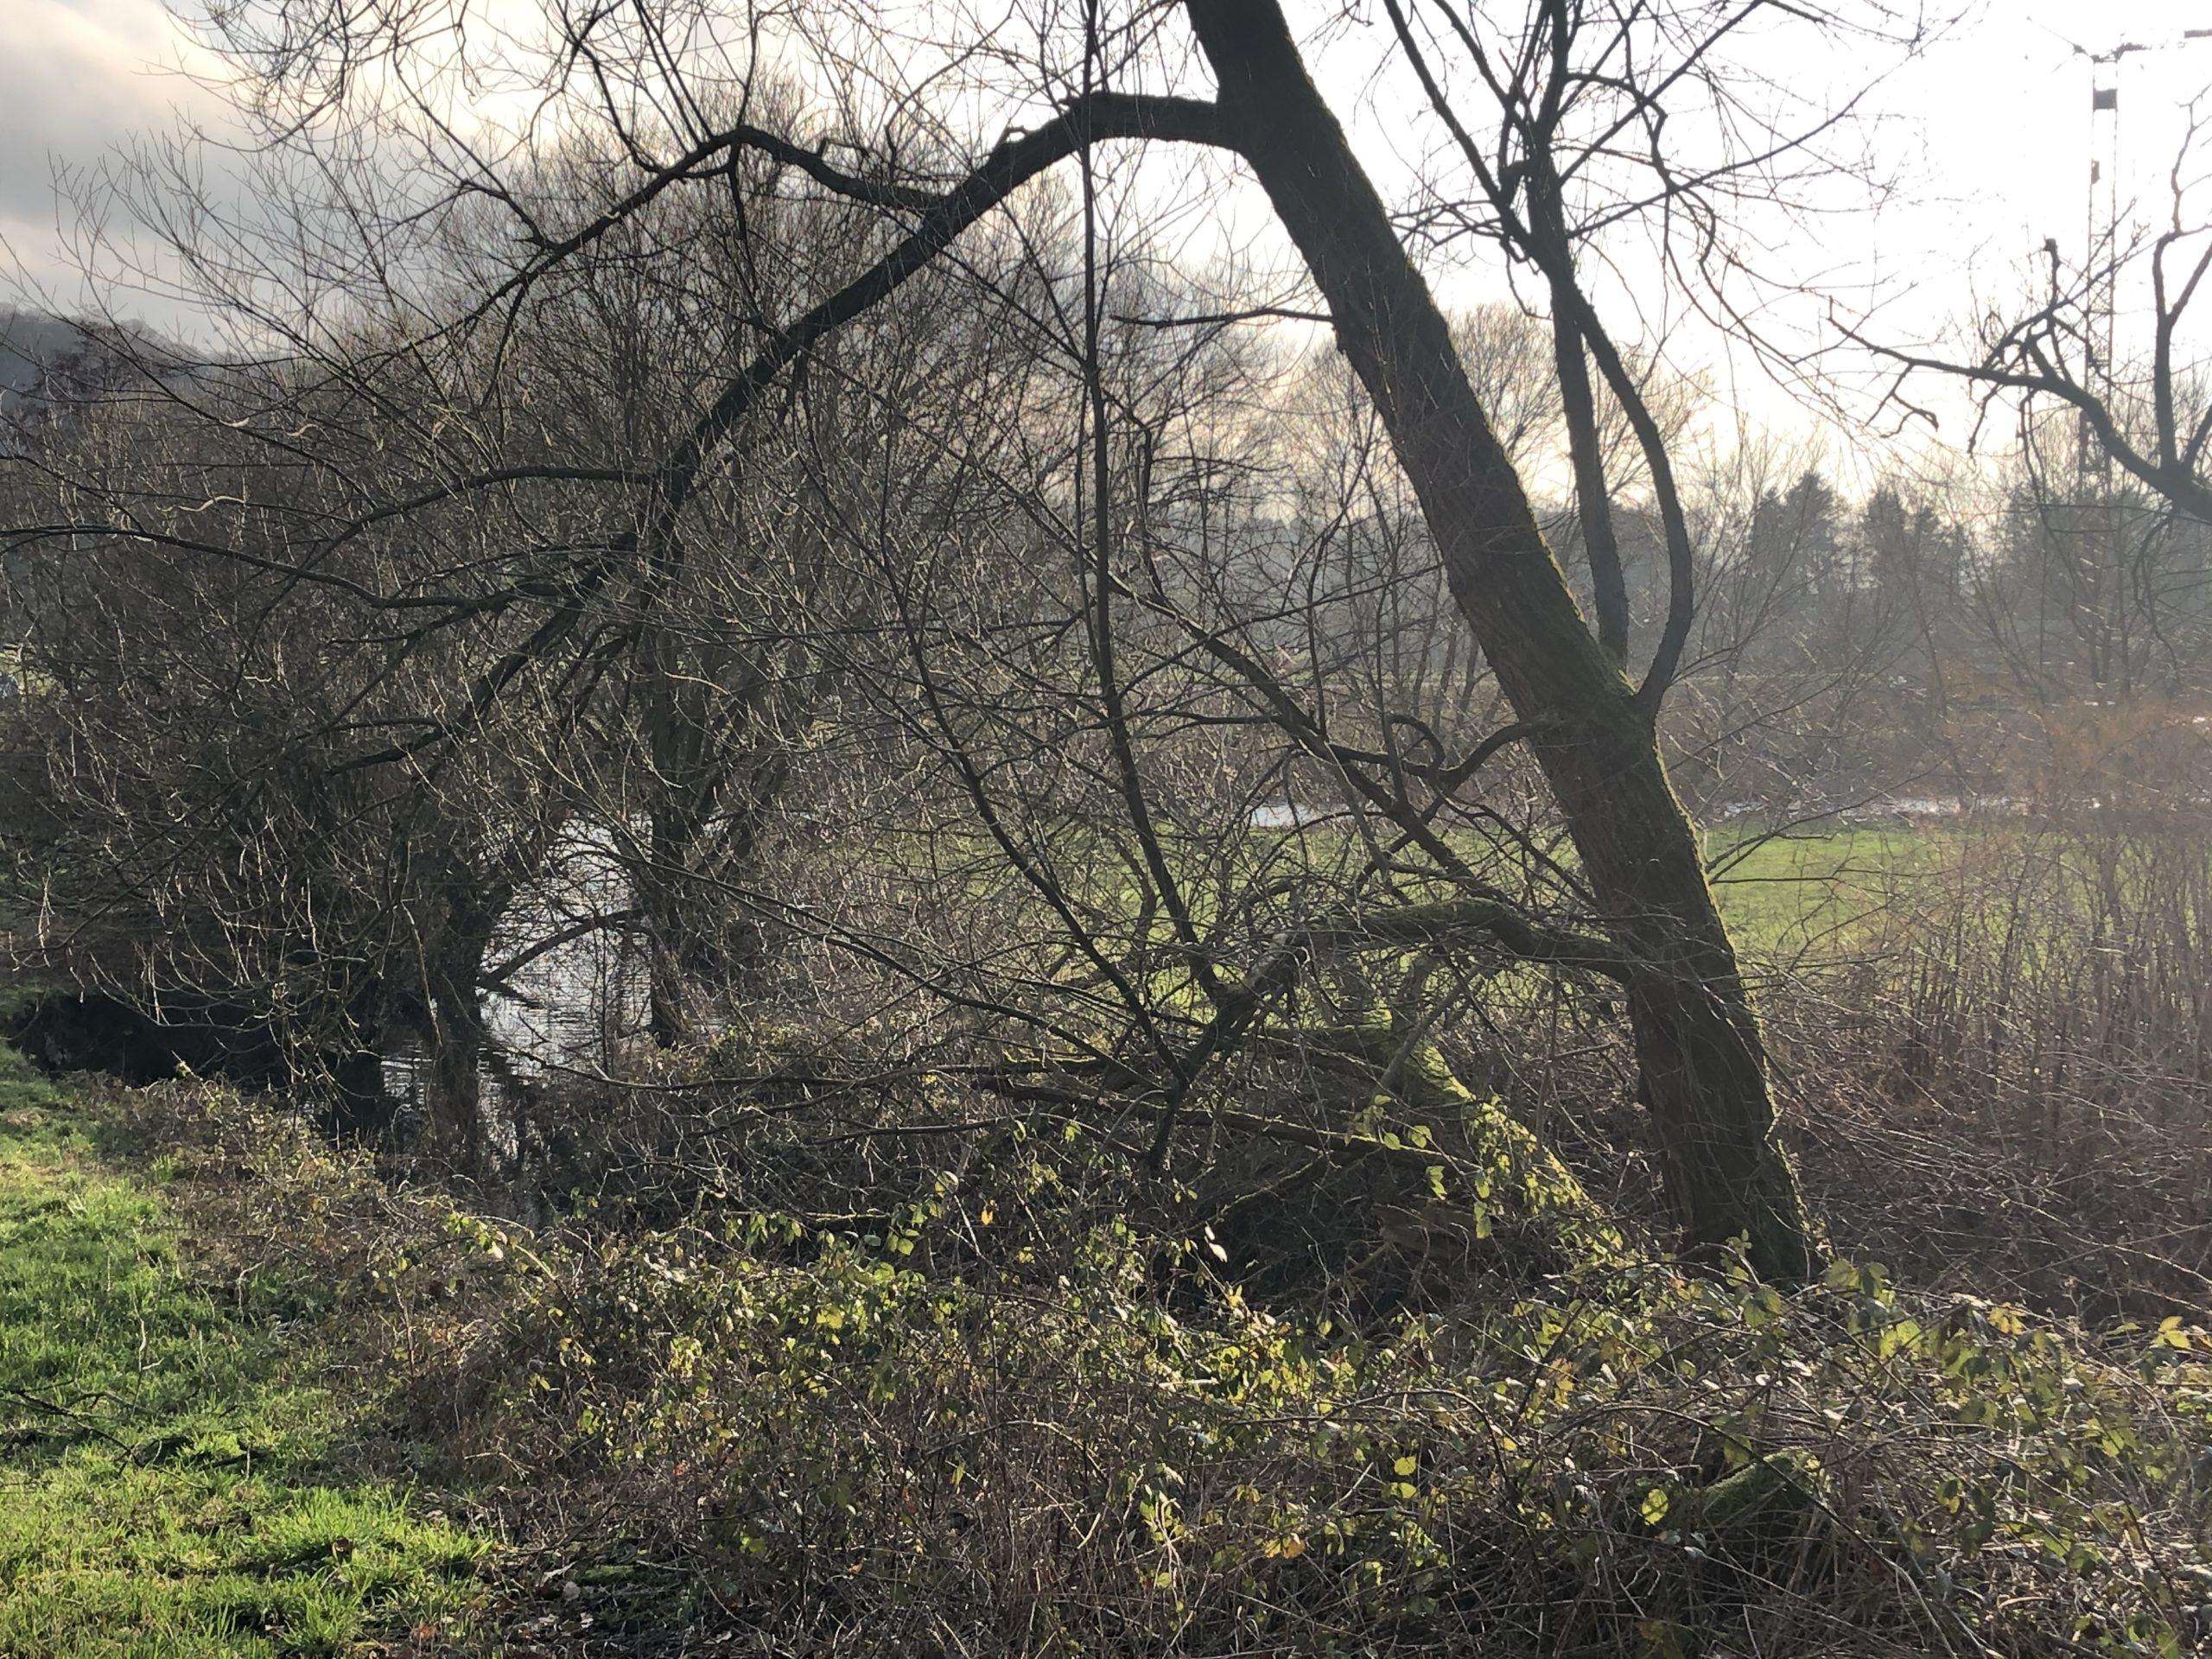 Die Mündung des Nacker Bachs in die Wupper